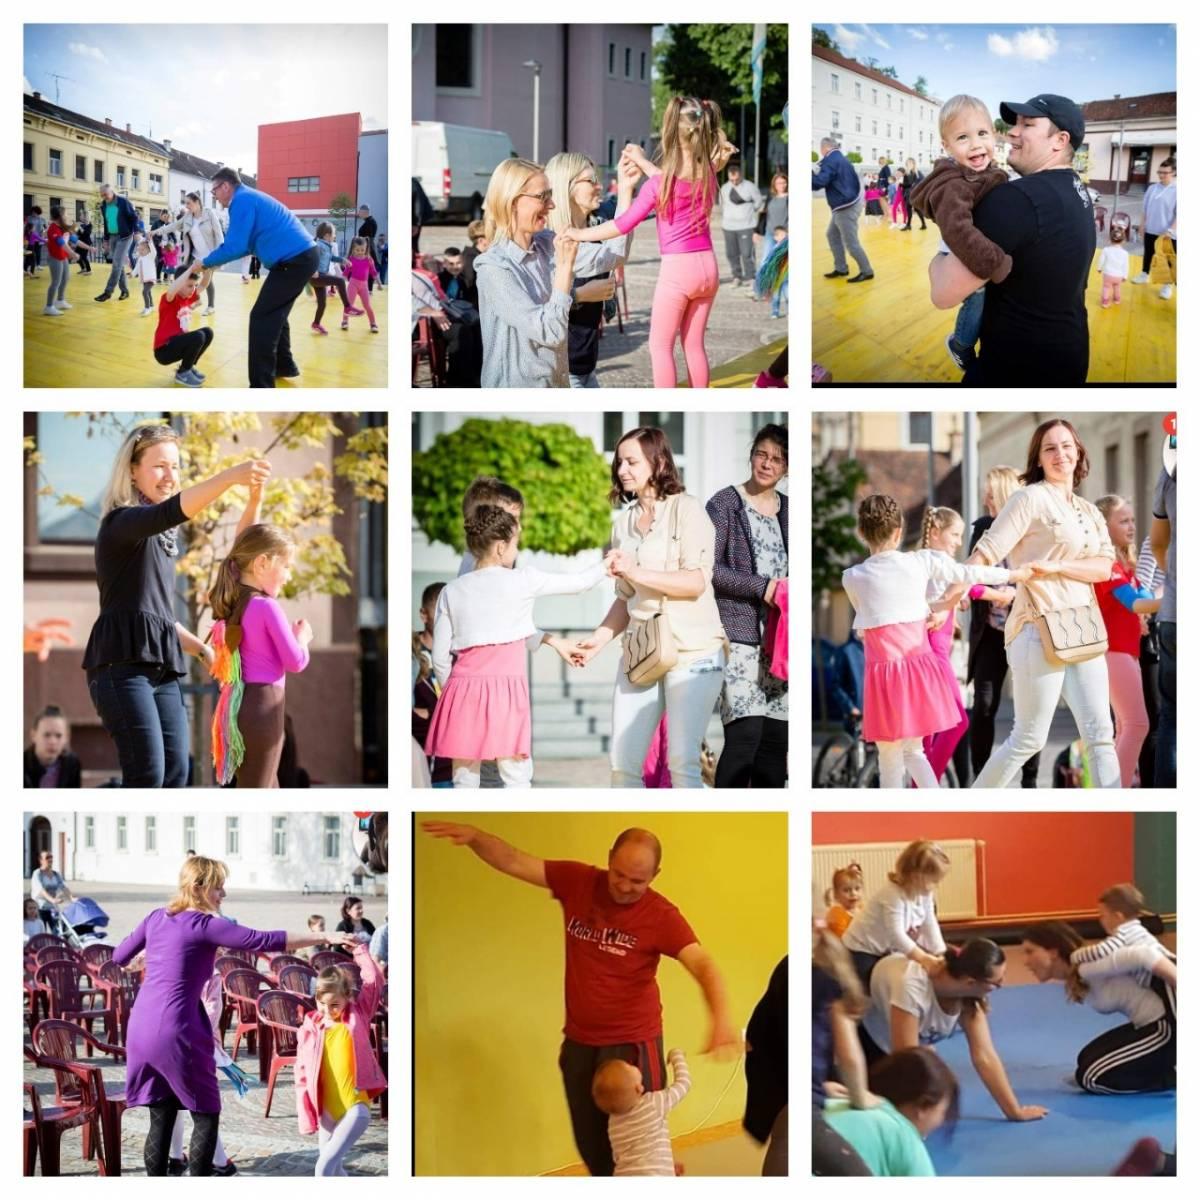 Besplatna Kreativna plesna radionica za roditelje i djecu u sklopu Dječjeg tjedna